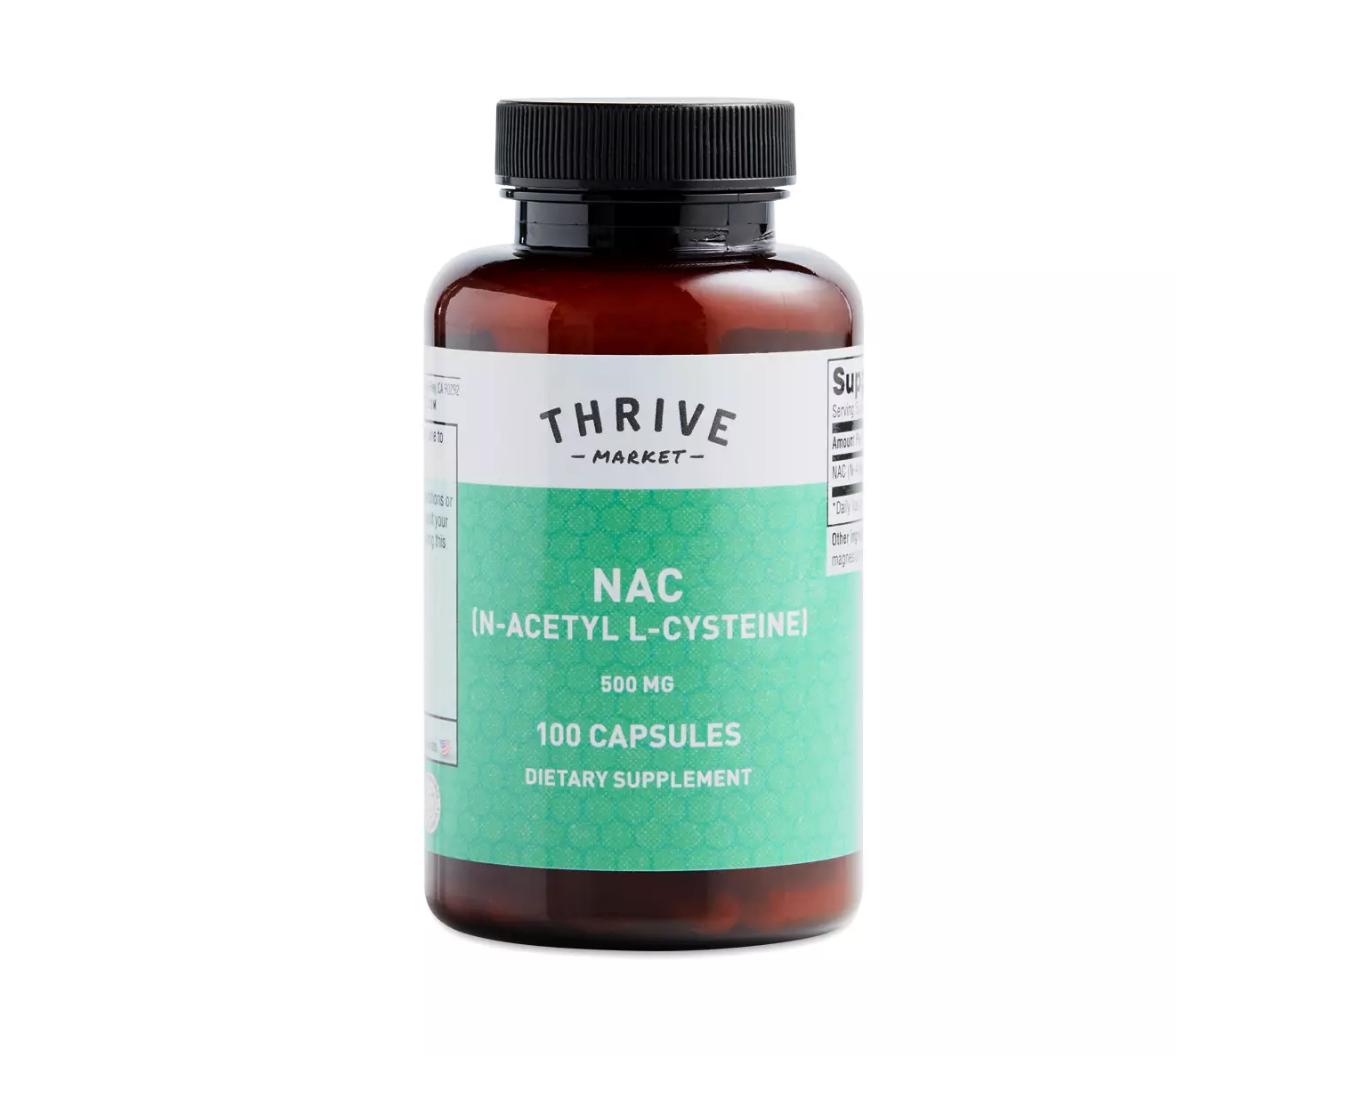 NAC: N-Acetyl L-Cysteine